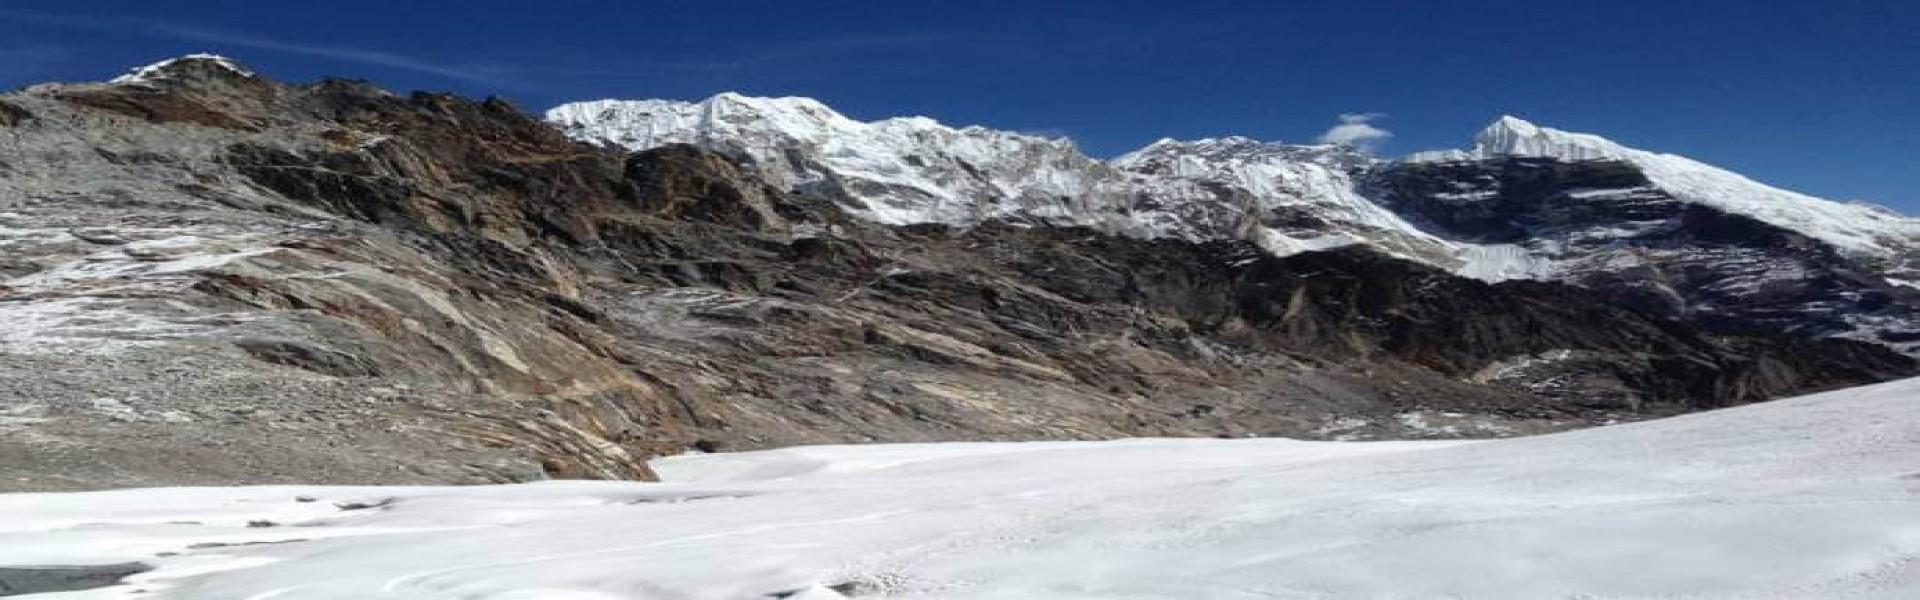 trekking-tour-nepal